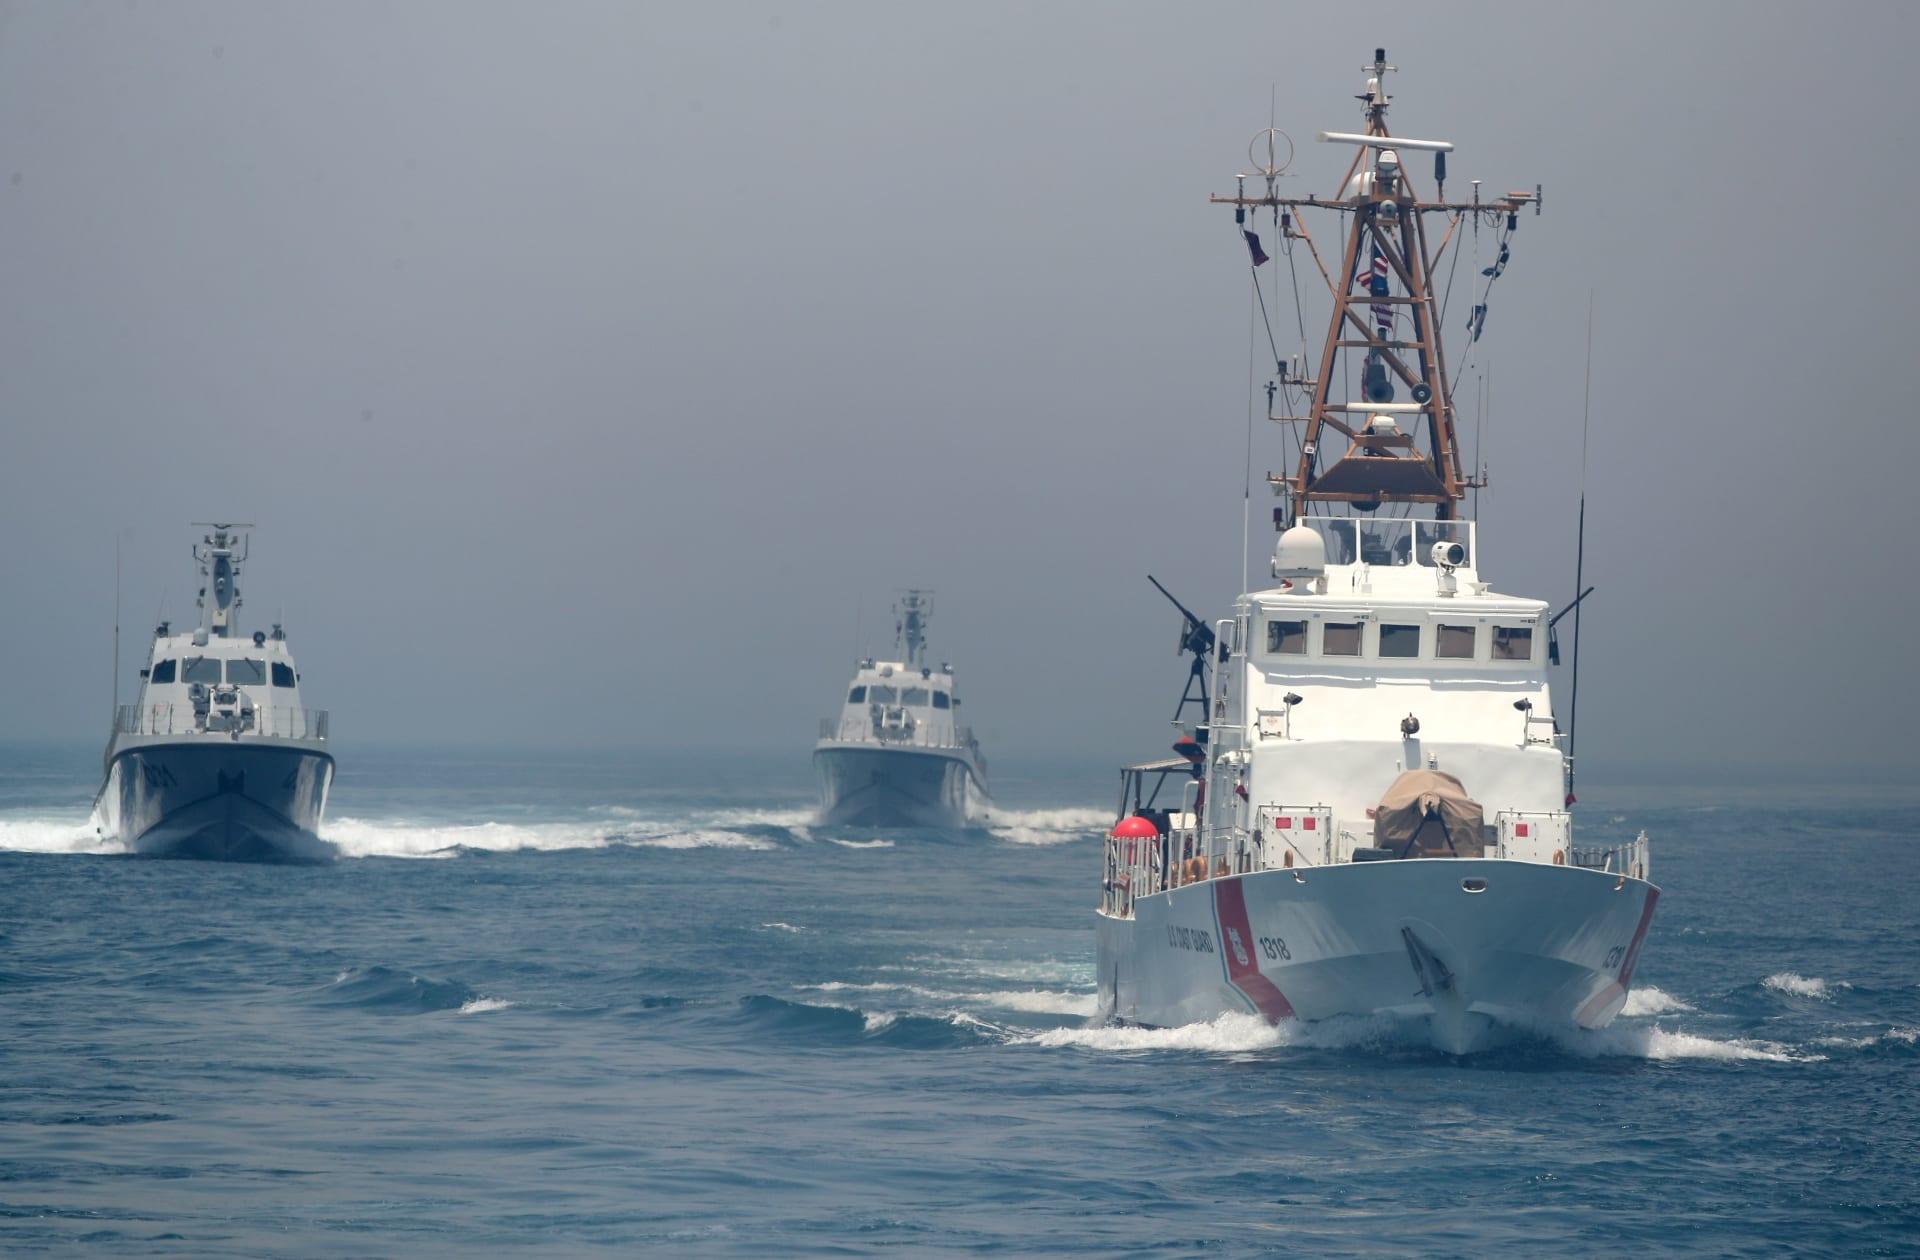 تدشين سفينة تدريب حربية لصالح قطر في اسطنبول